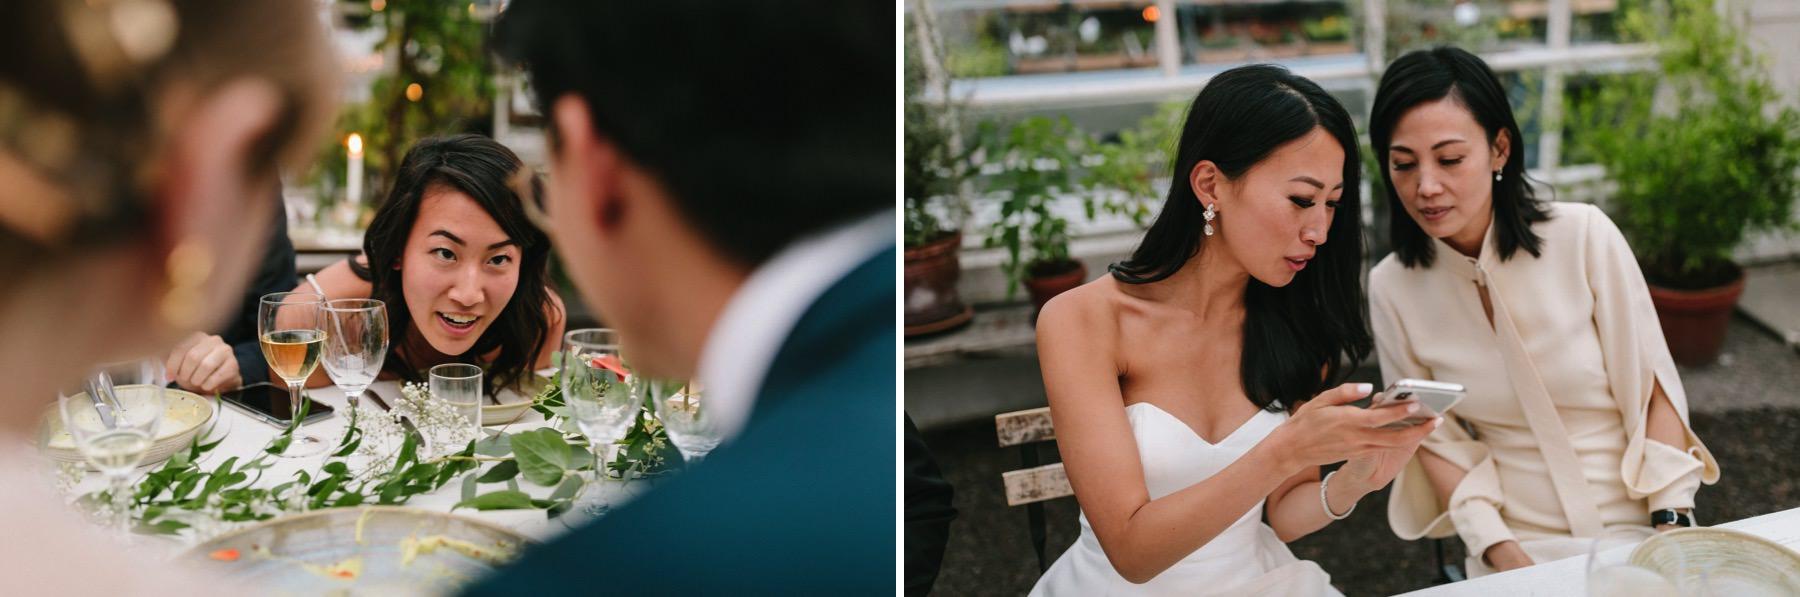 wedding at rosendals trädgård